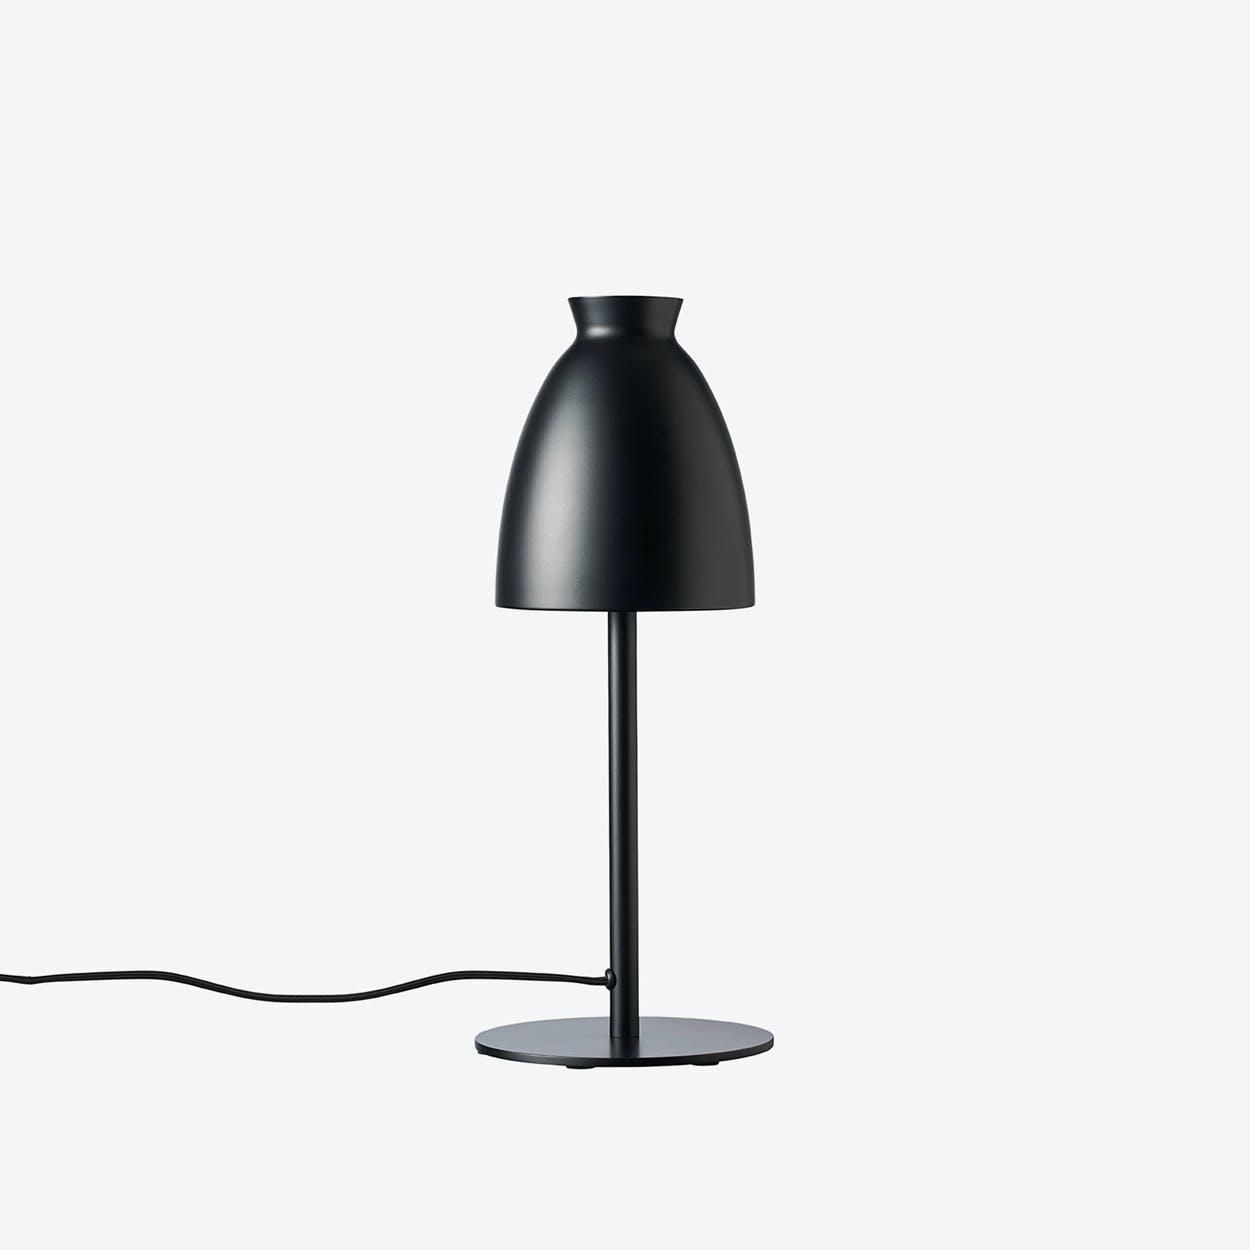 Milano Table Lamp in Black